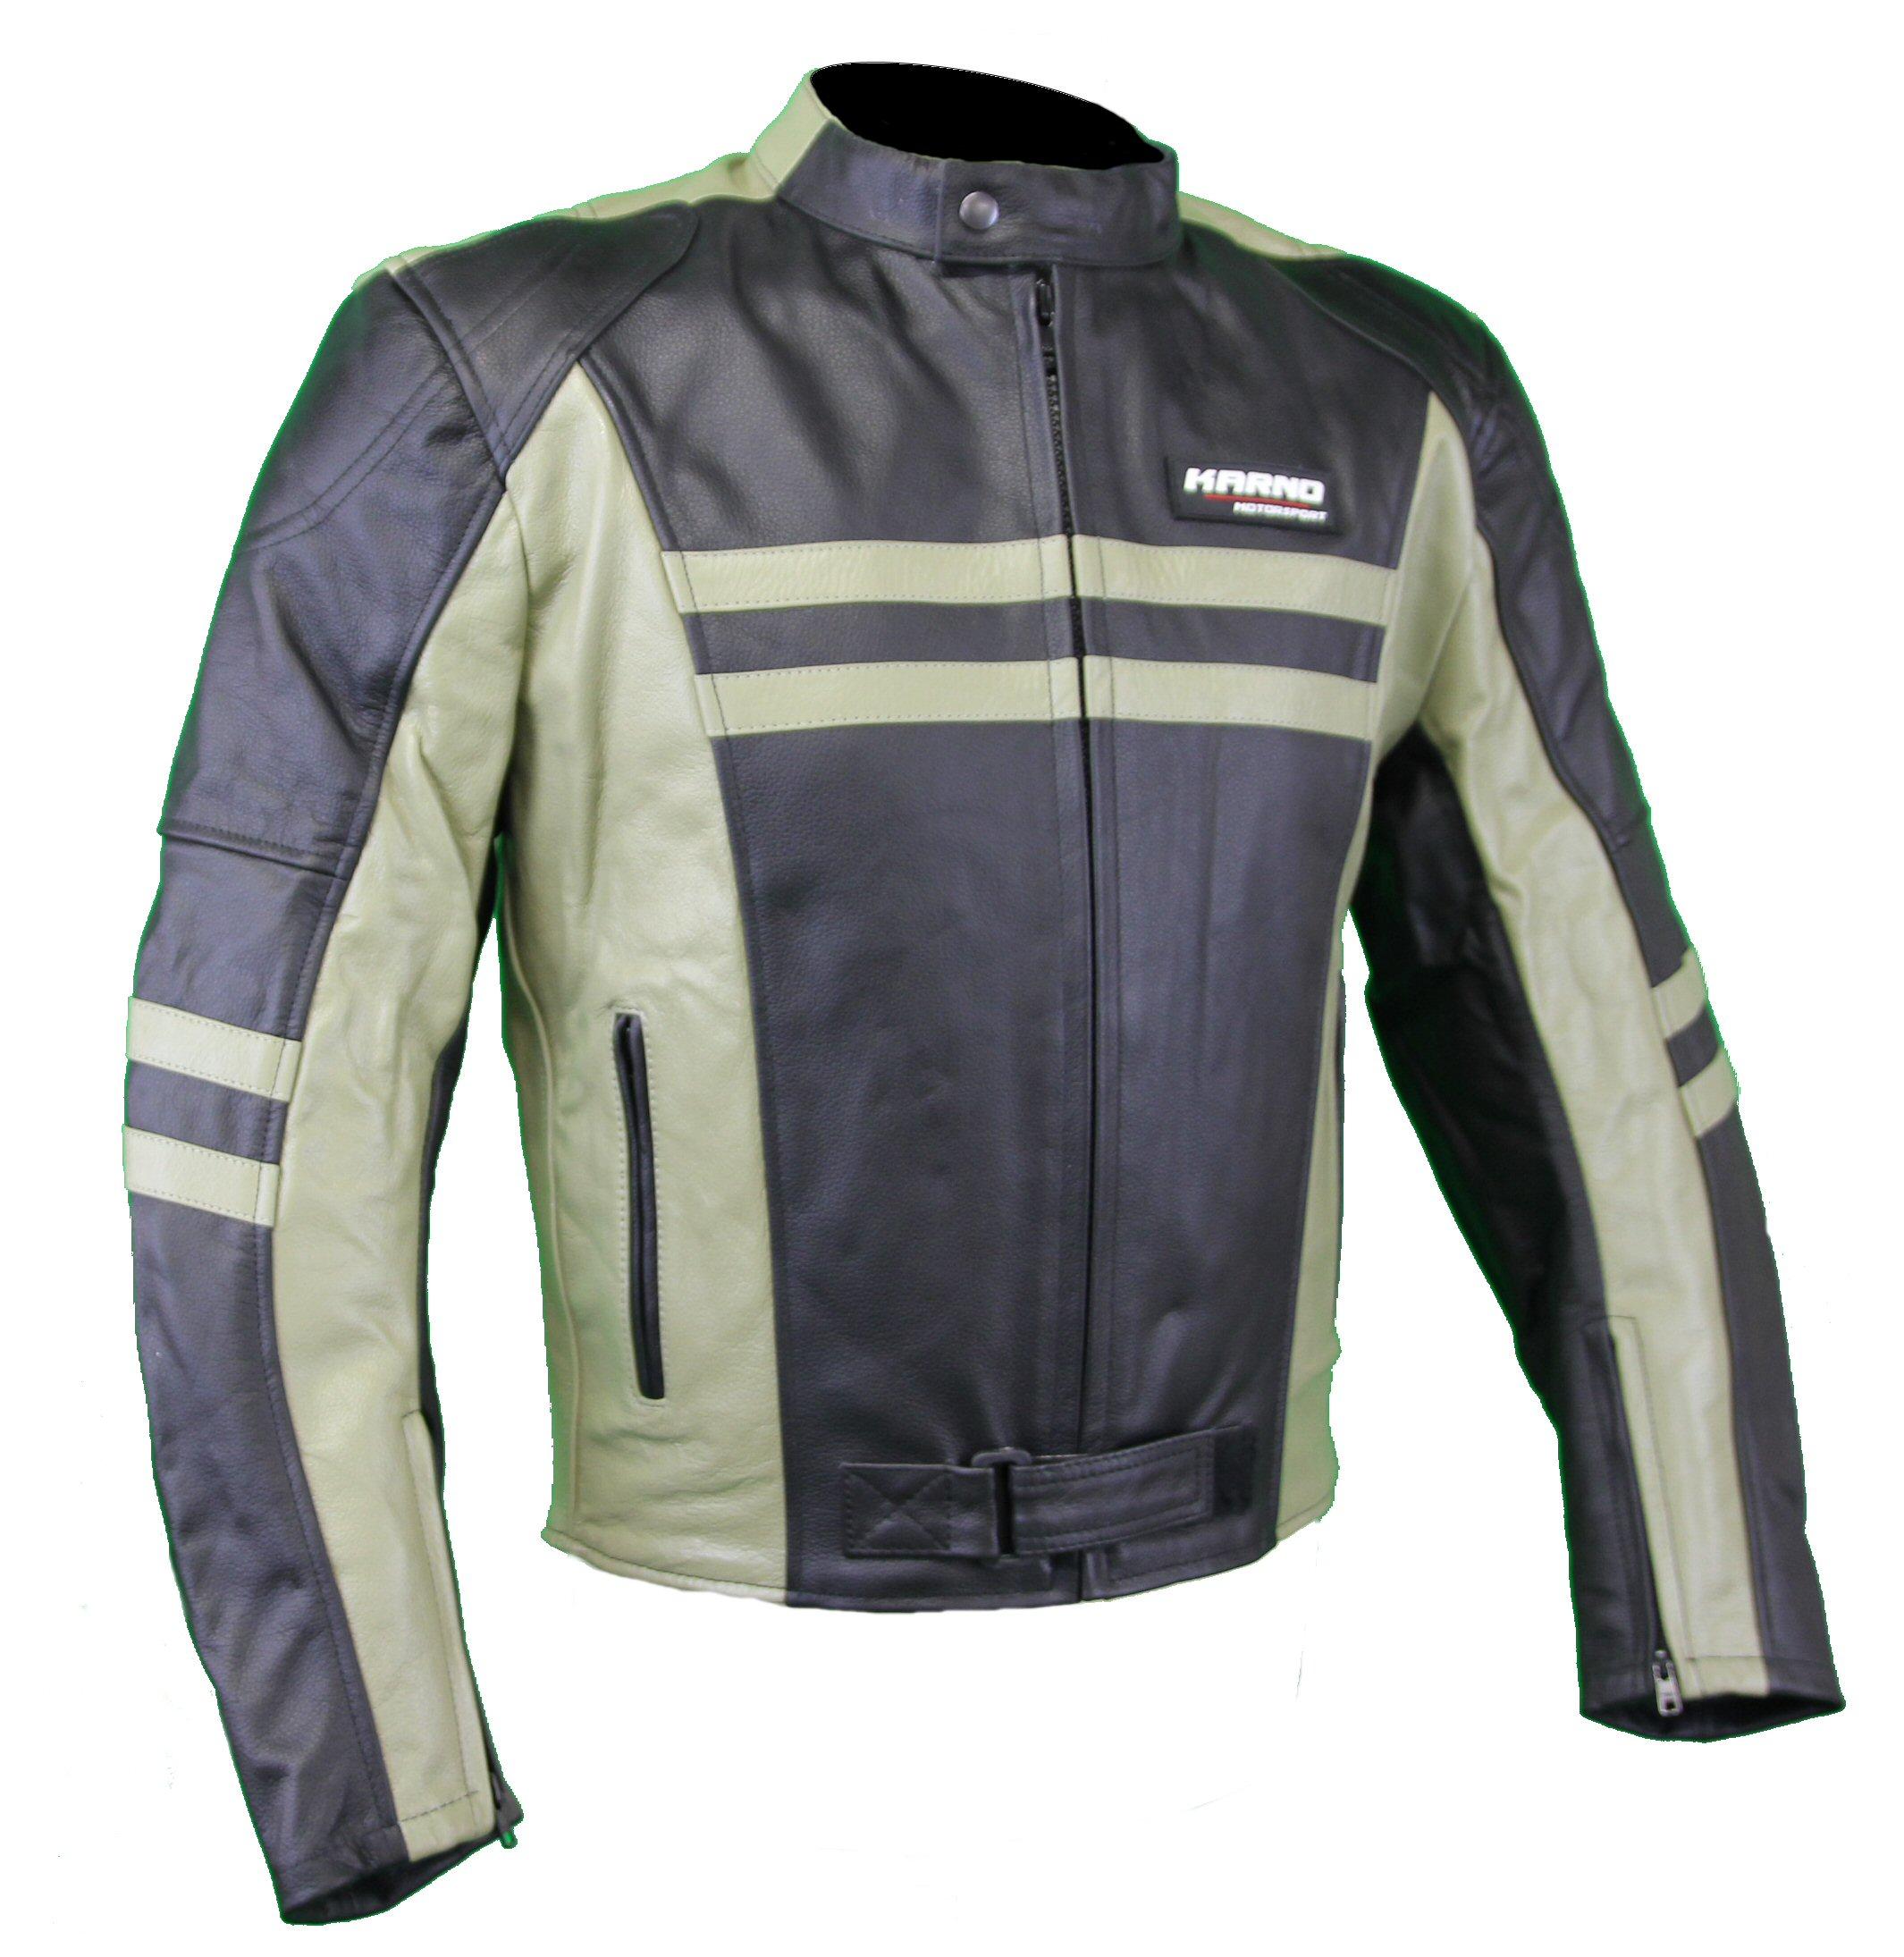 kc032 blouson moto cuir cafe racer vintage noir karno motorsport. Black Bedroom Furniture Sets. Home Design Ideas